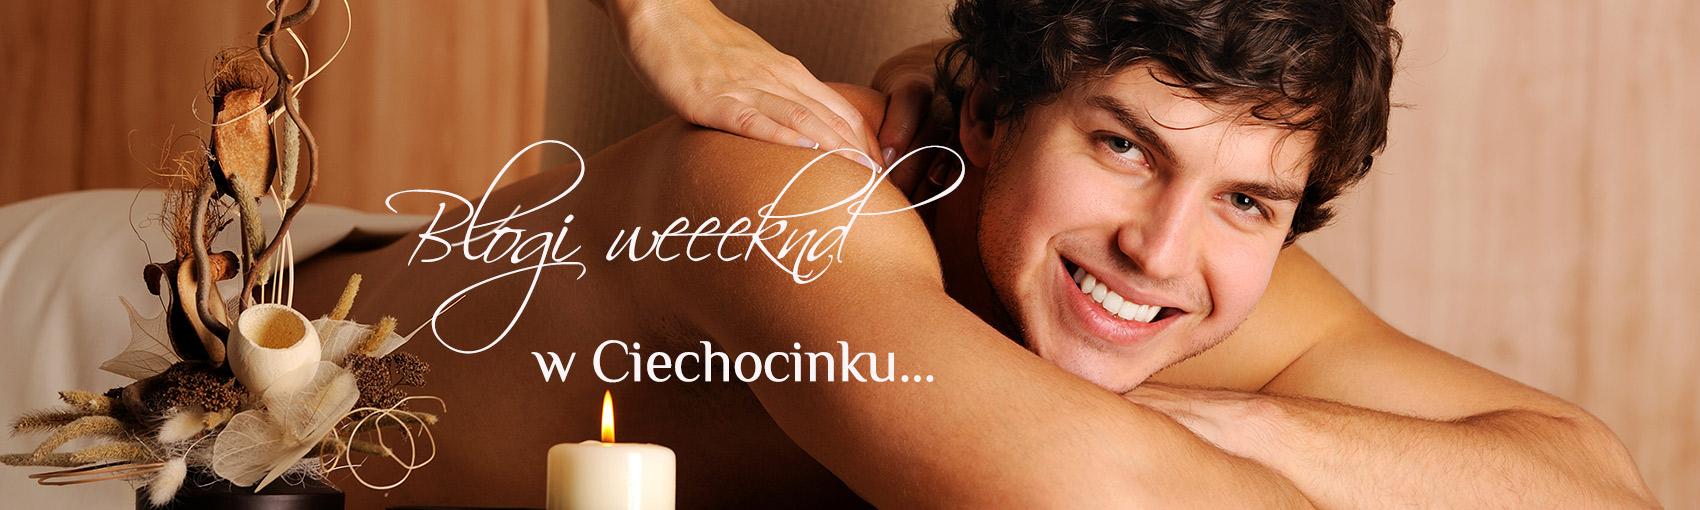 Romantyczny Weekend w Ciechocinku - Villaandalucia